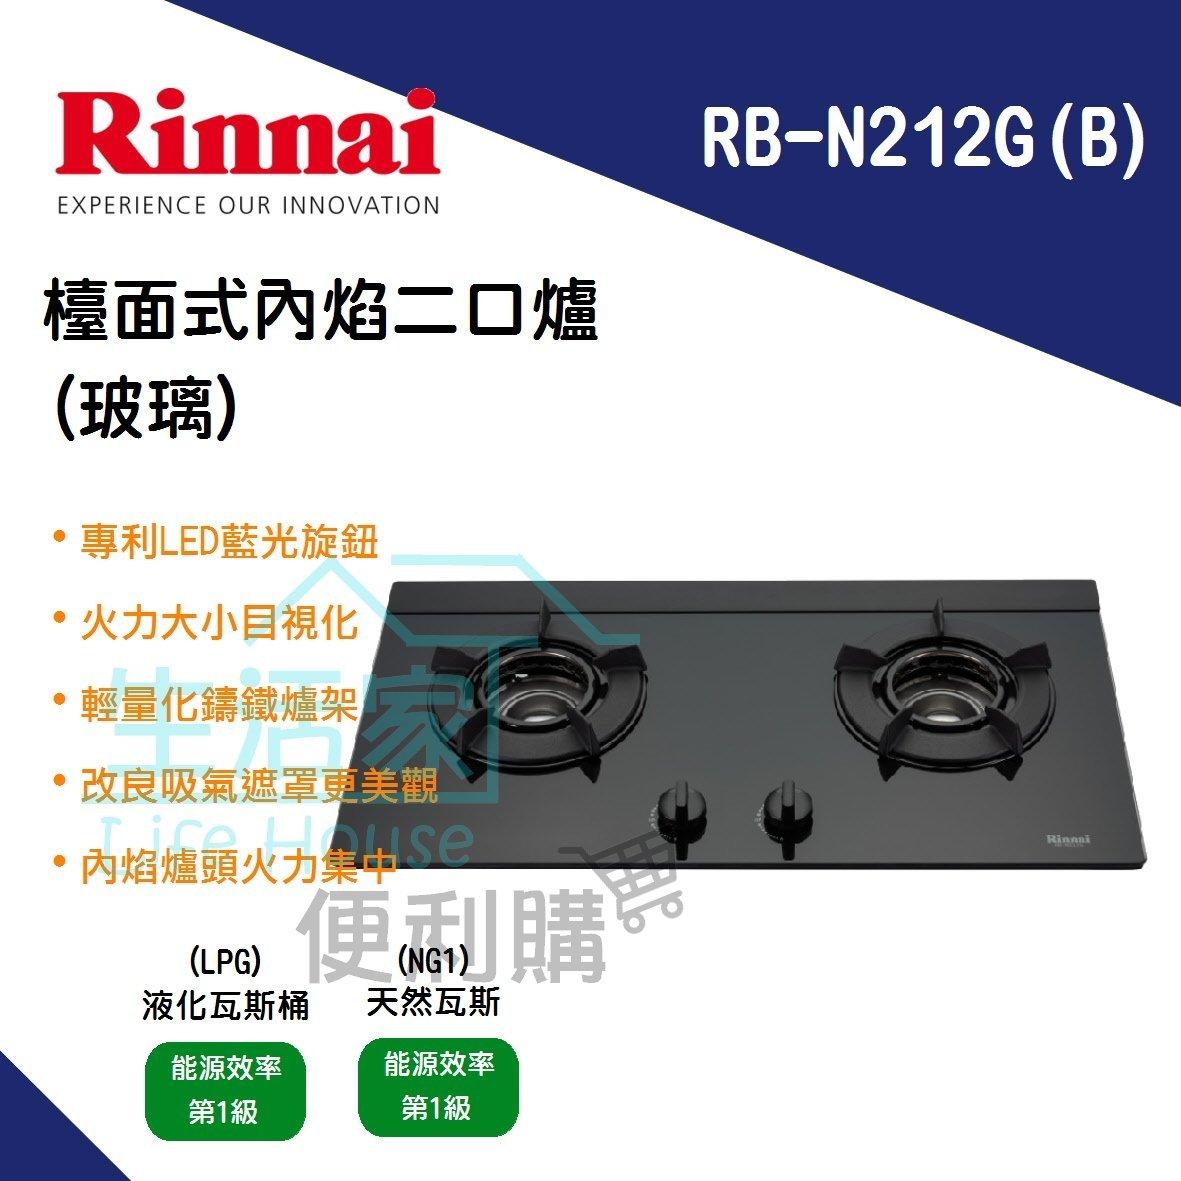 【 家便利購】《附發票》林內牌 RB-N212G(B) 檯面式 內焰 二口爐(黑玻璃) 瓦斯爐 專利LED藍光旋鈕